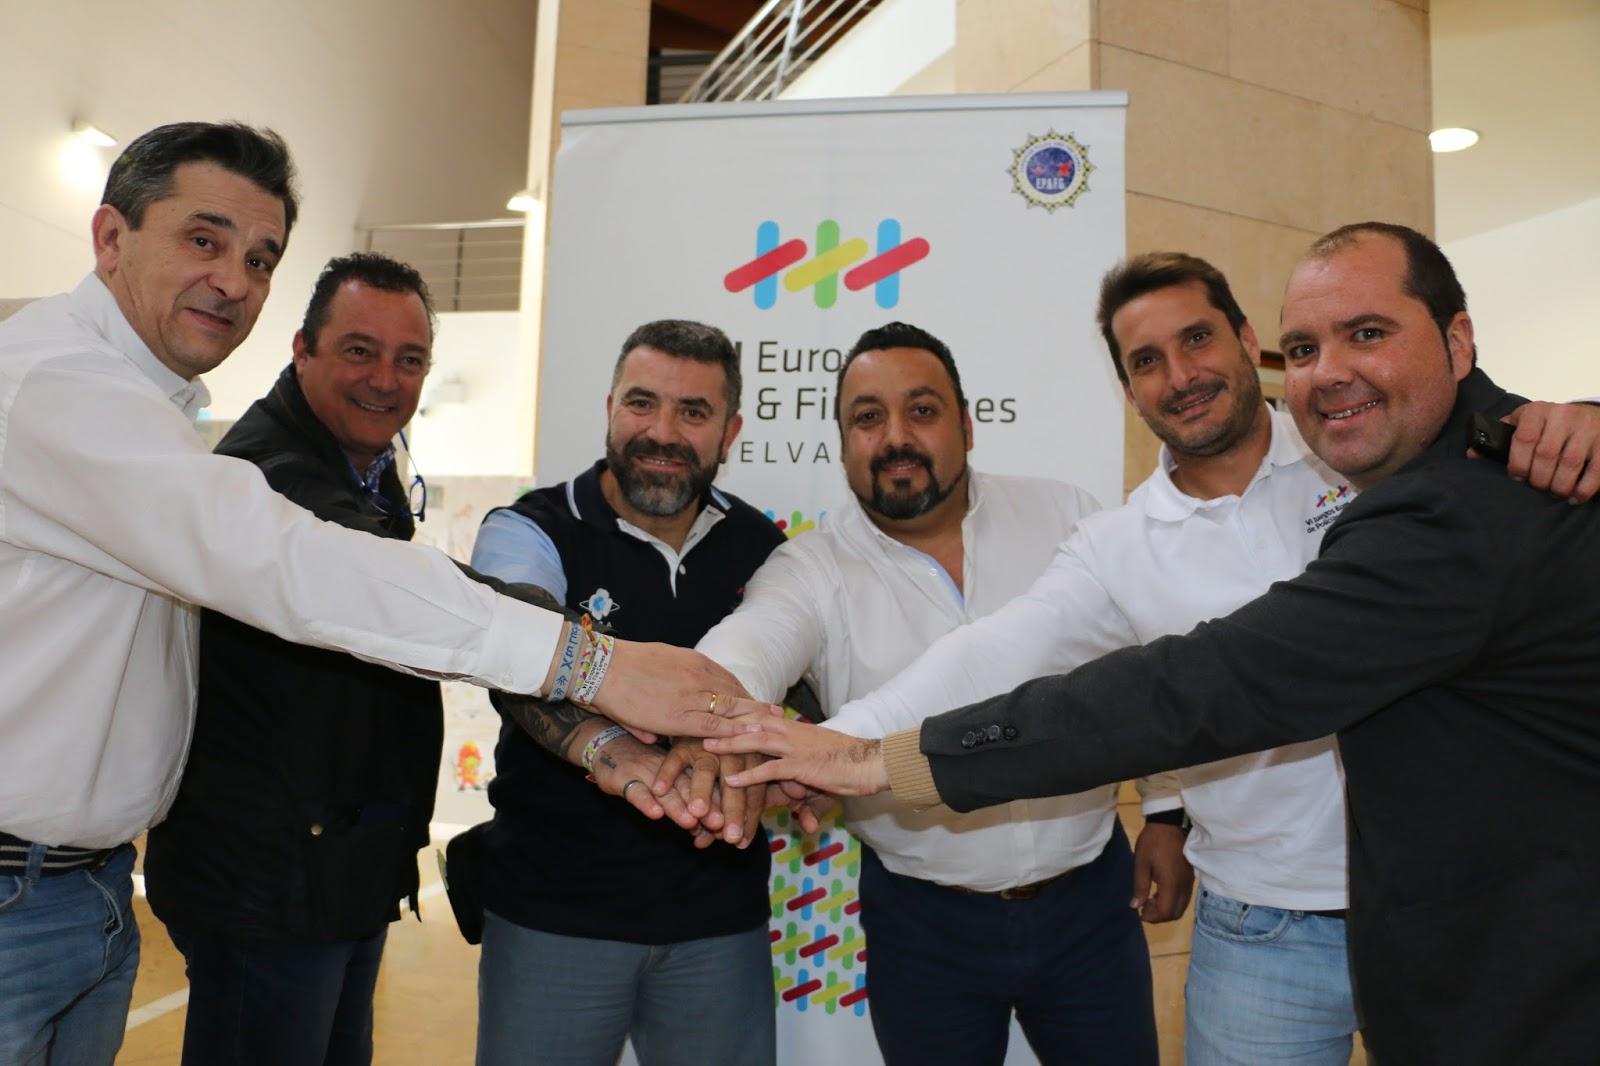 TELWI, Distribuidor de Telecomunicaciones de los VI Juegos Europeos de Policía y Bomberos Huelva 2016